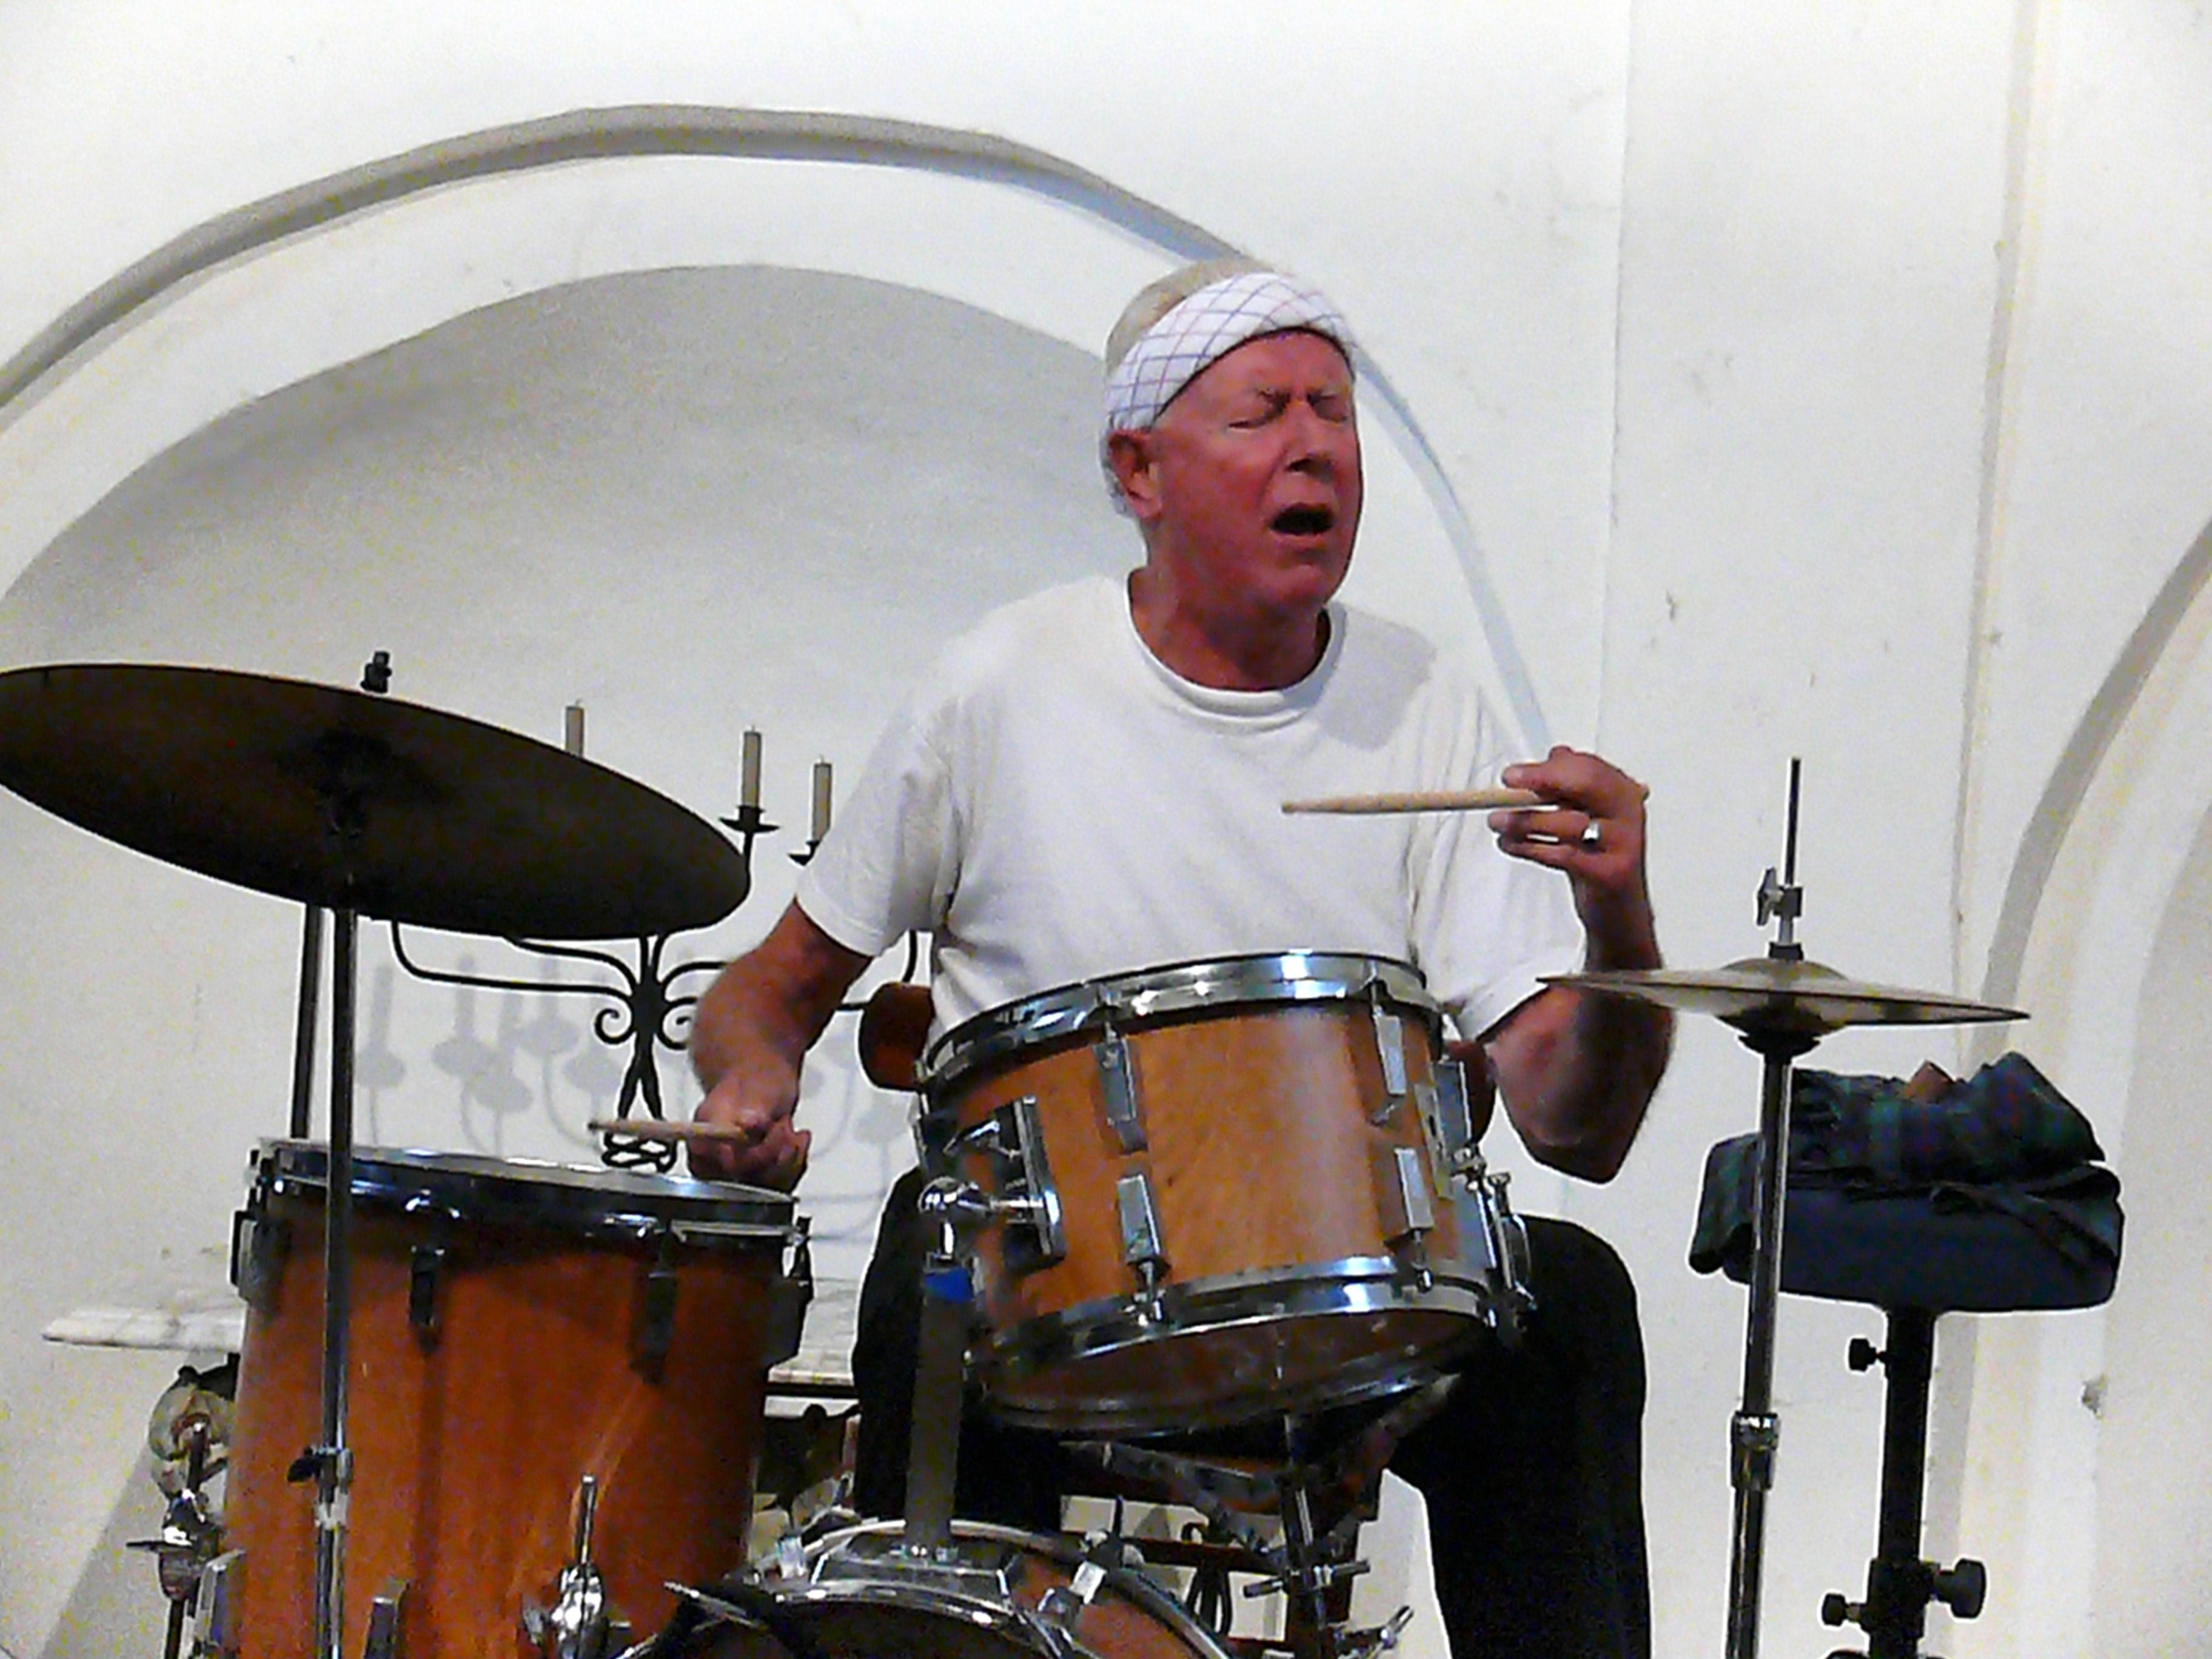 Han Bennink in Groningen, August 2011